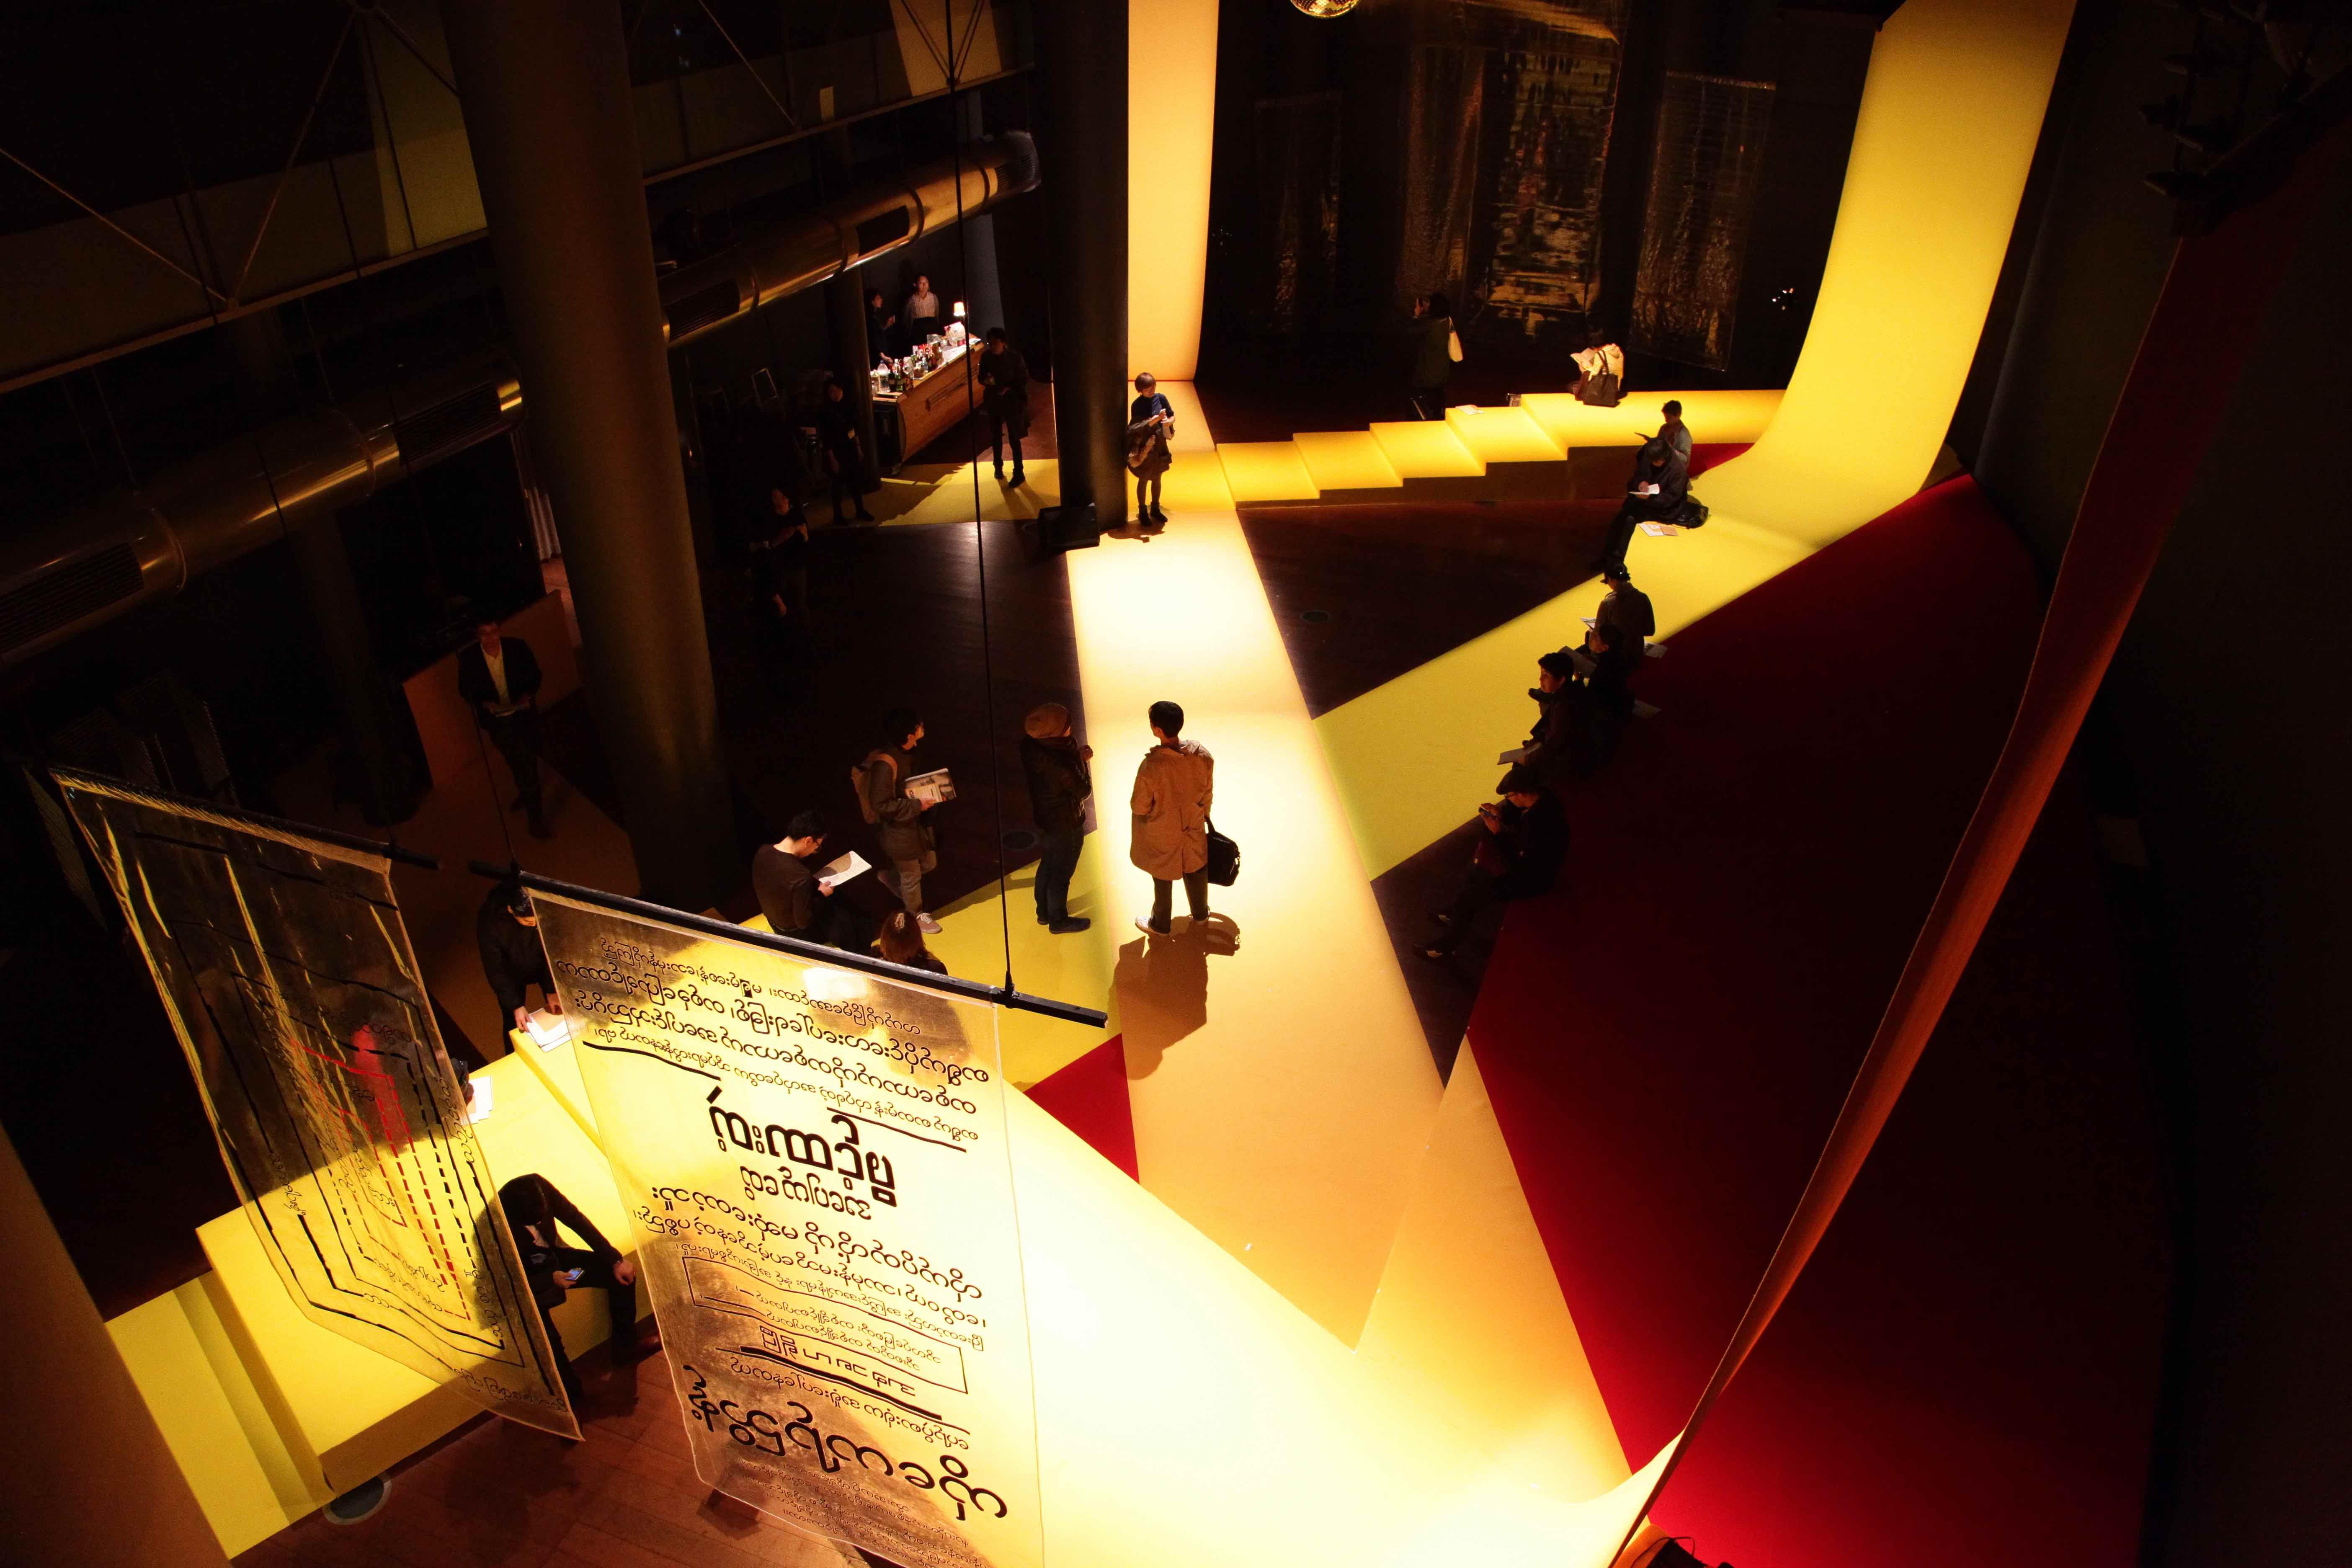 ©片岡陽太 アジアシリーズ vol.2 ミャンマー特集『ラウンドアバウト・イン・ヤンゴン』 [Bプログラム]ターソー(音楽ライブ)アサヒ・アートスクエア